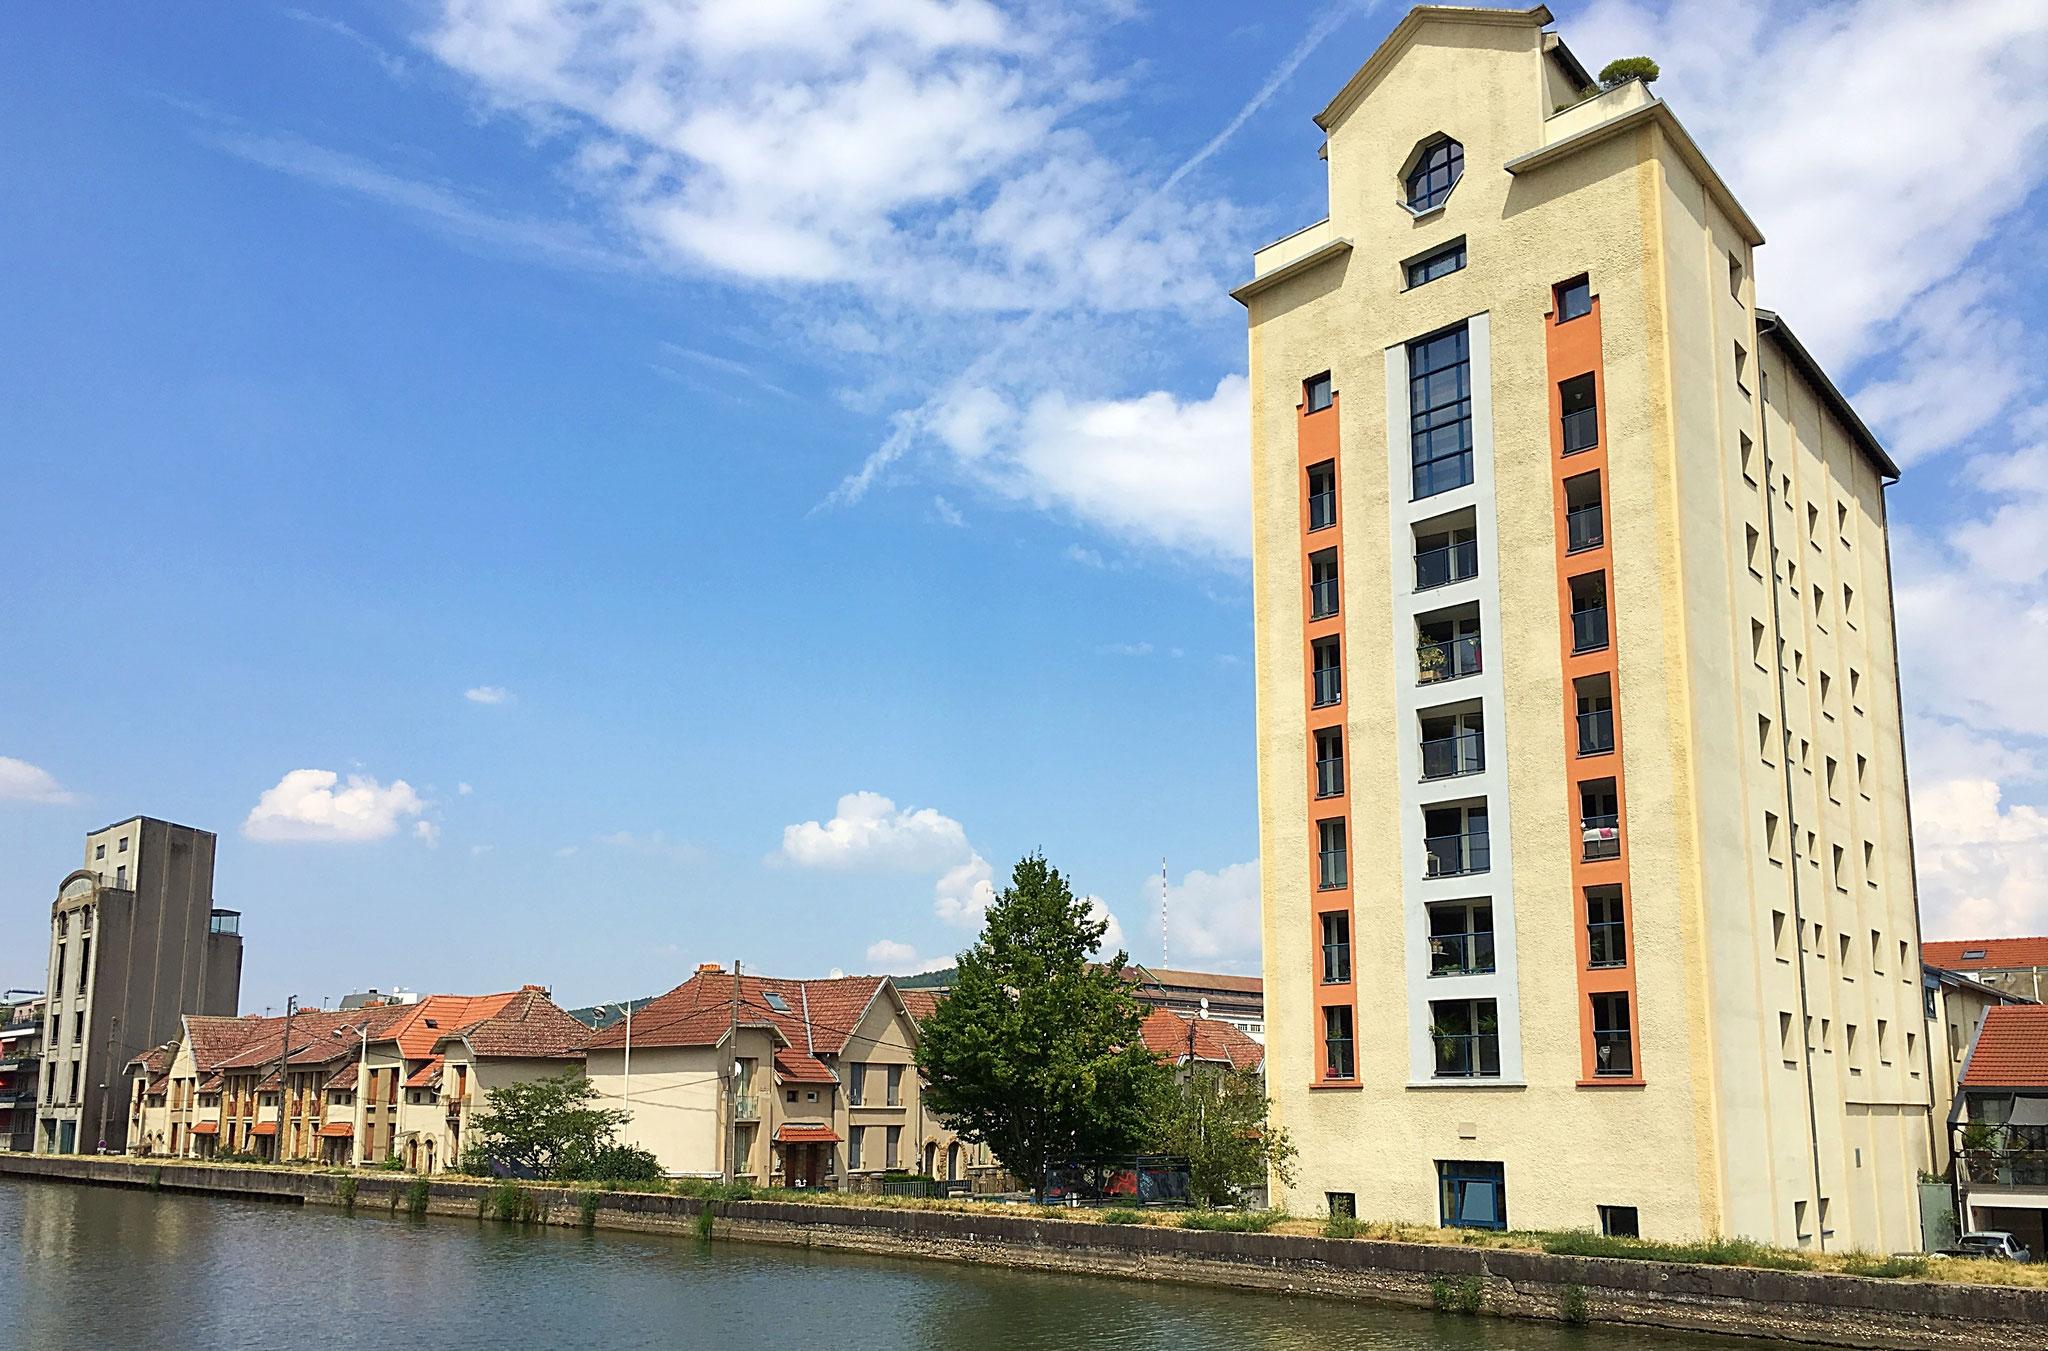 """Ehem. Kornspeicher in Nancy am """"Canal de la Marne au Rhin"""", der zu Lofts umgebaut wurde"""